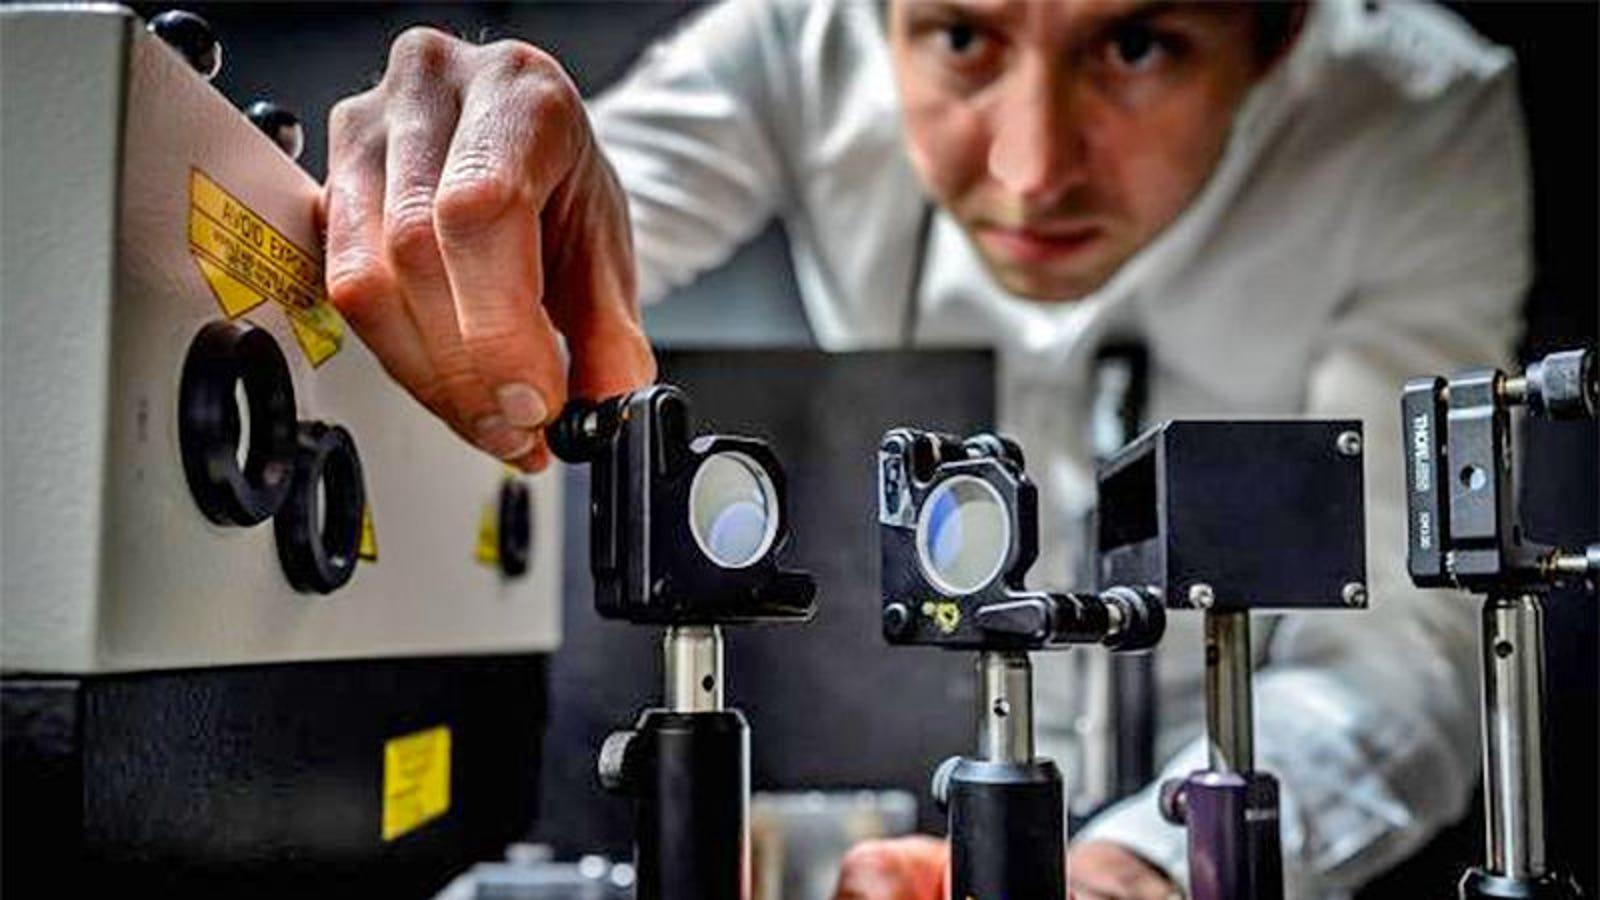 Esta es la cámara más rápida del mundo: puede tomar 5 billones de fotos en un segundo